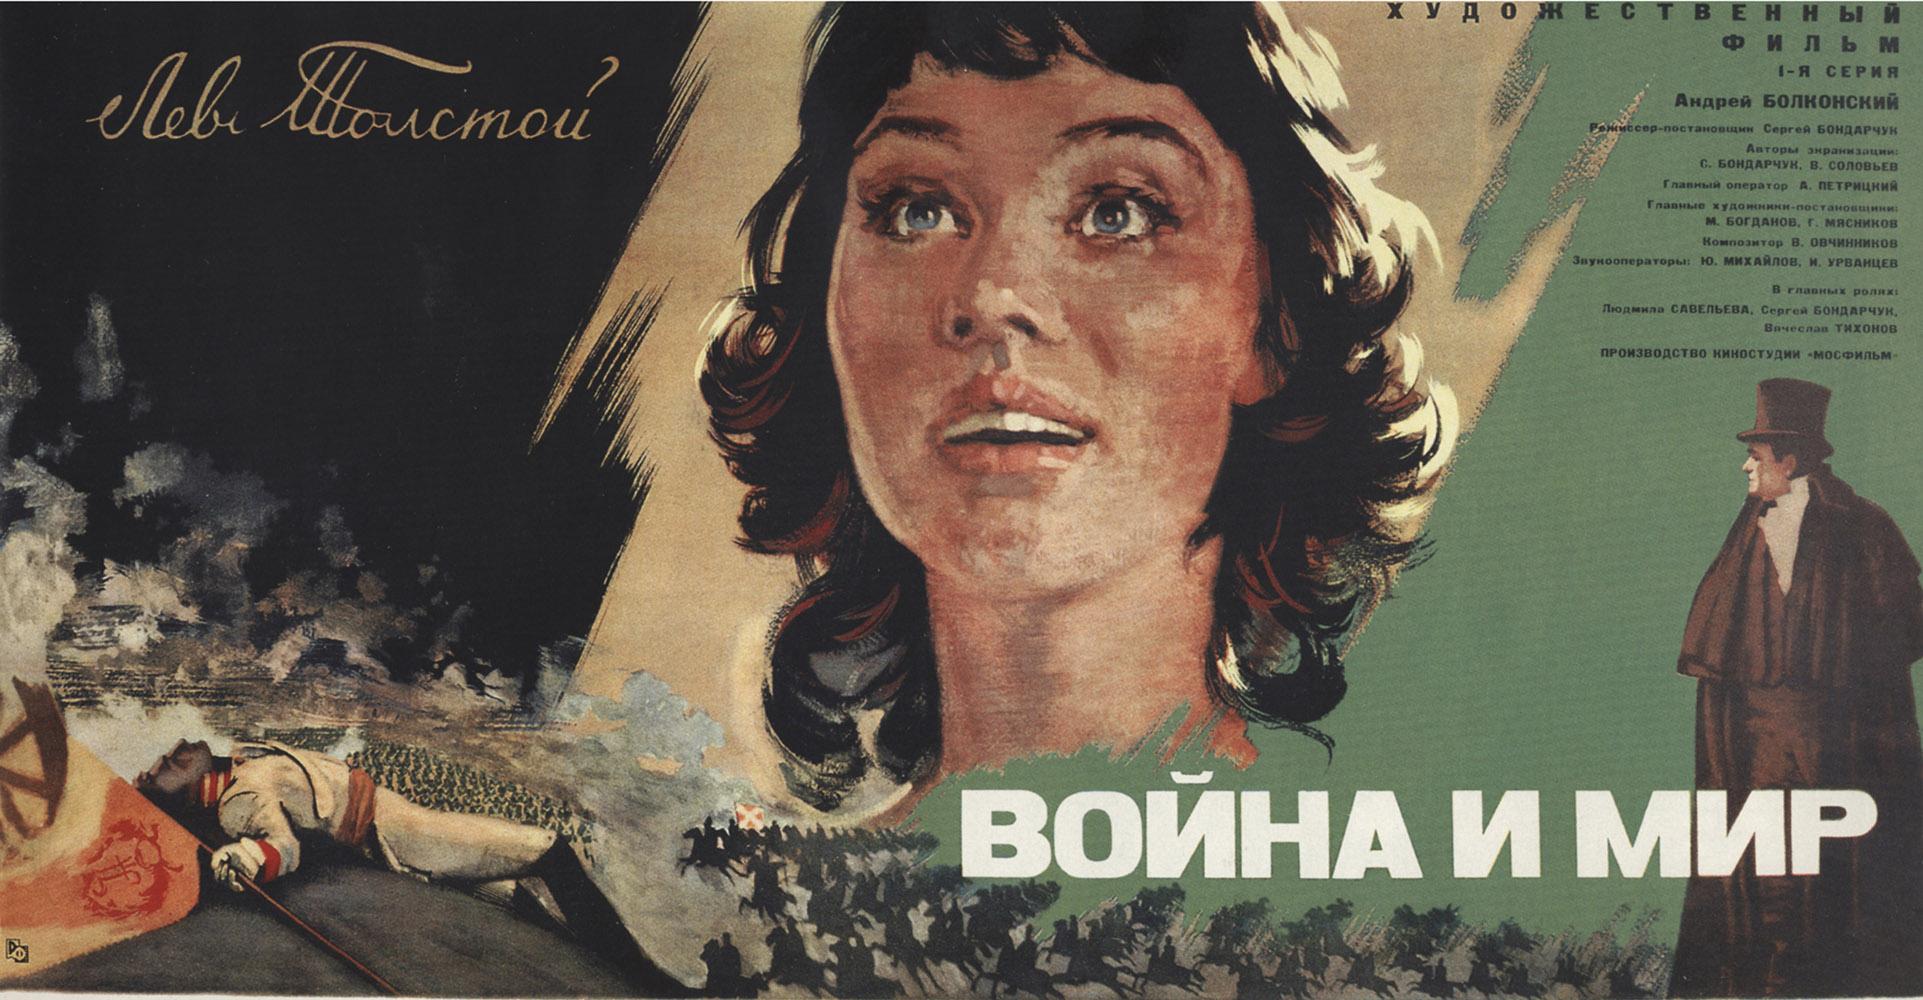 Оскары, канская премия и любовь: советское кино, которое мы потеряли